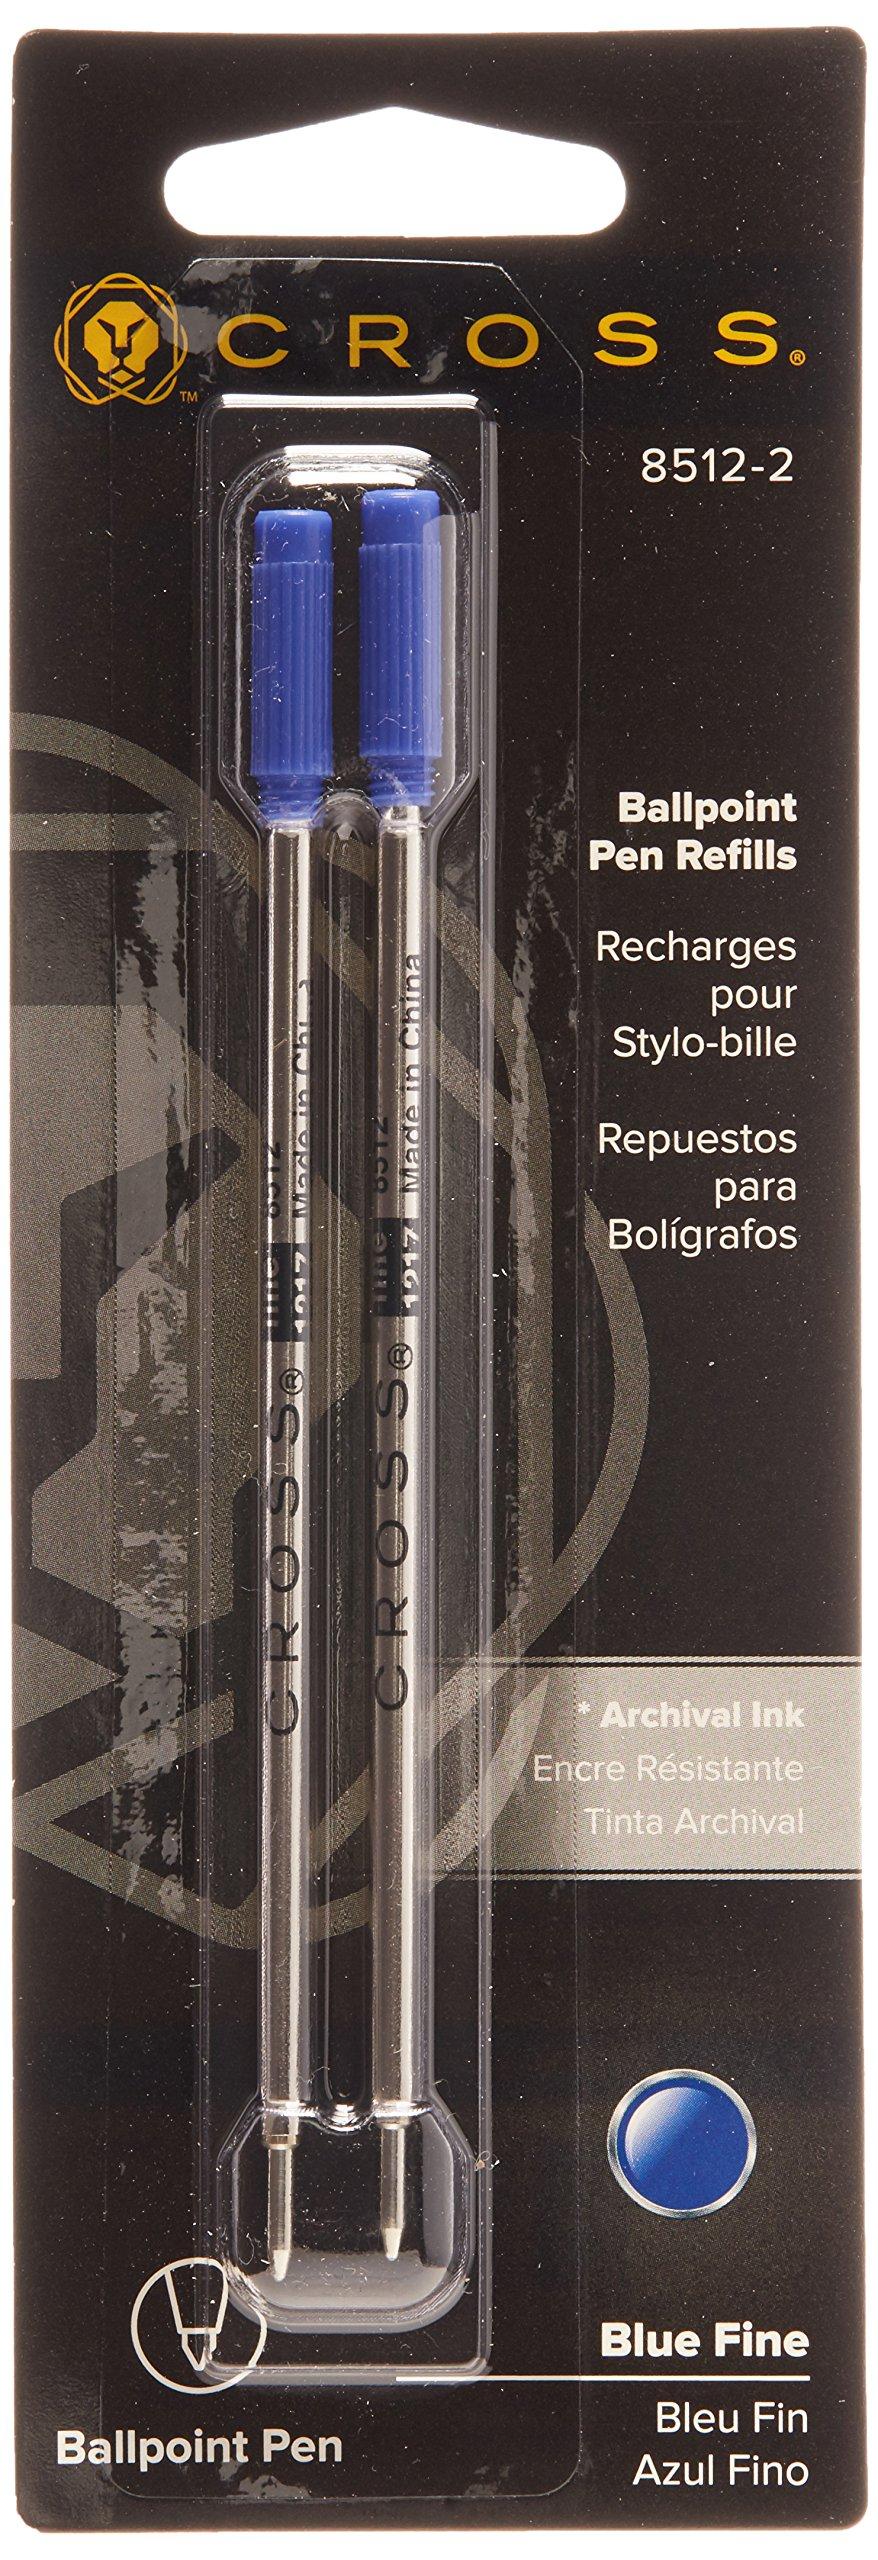 Cross Ballpoint Pen Refill 12-Pack Blue Fine